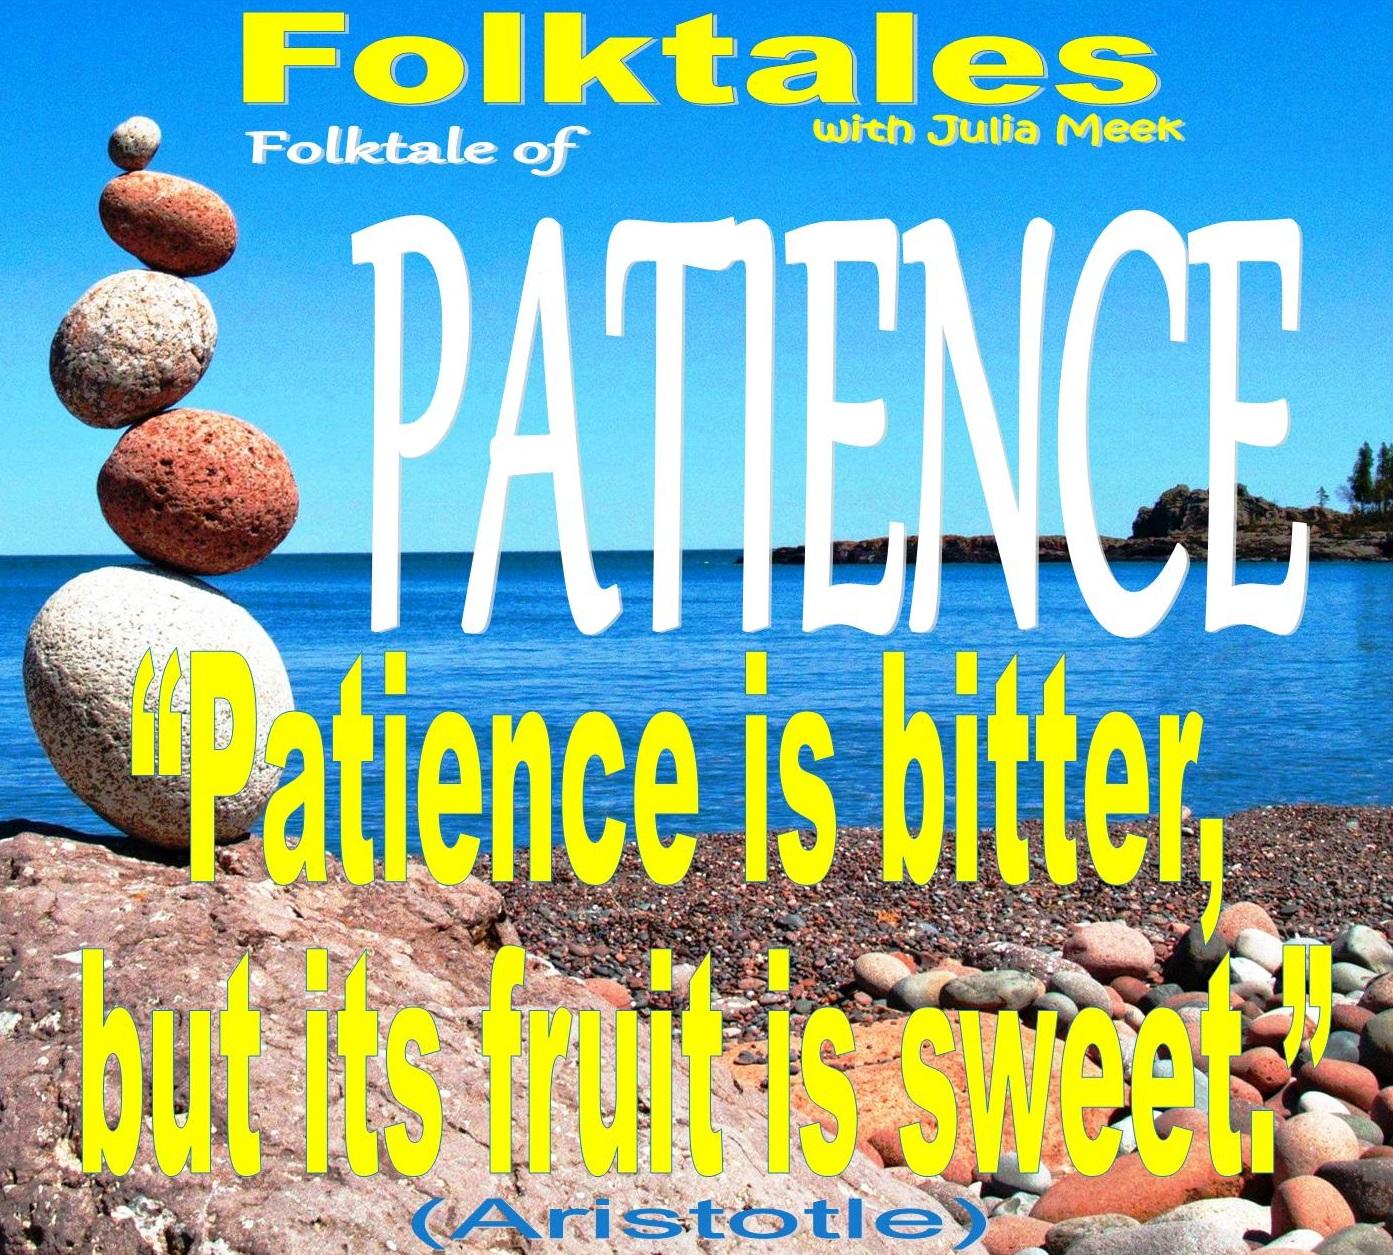 Caption: WBOI's Folktale of Patience, Credit: Julia Meek